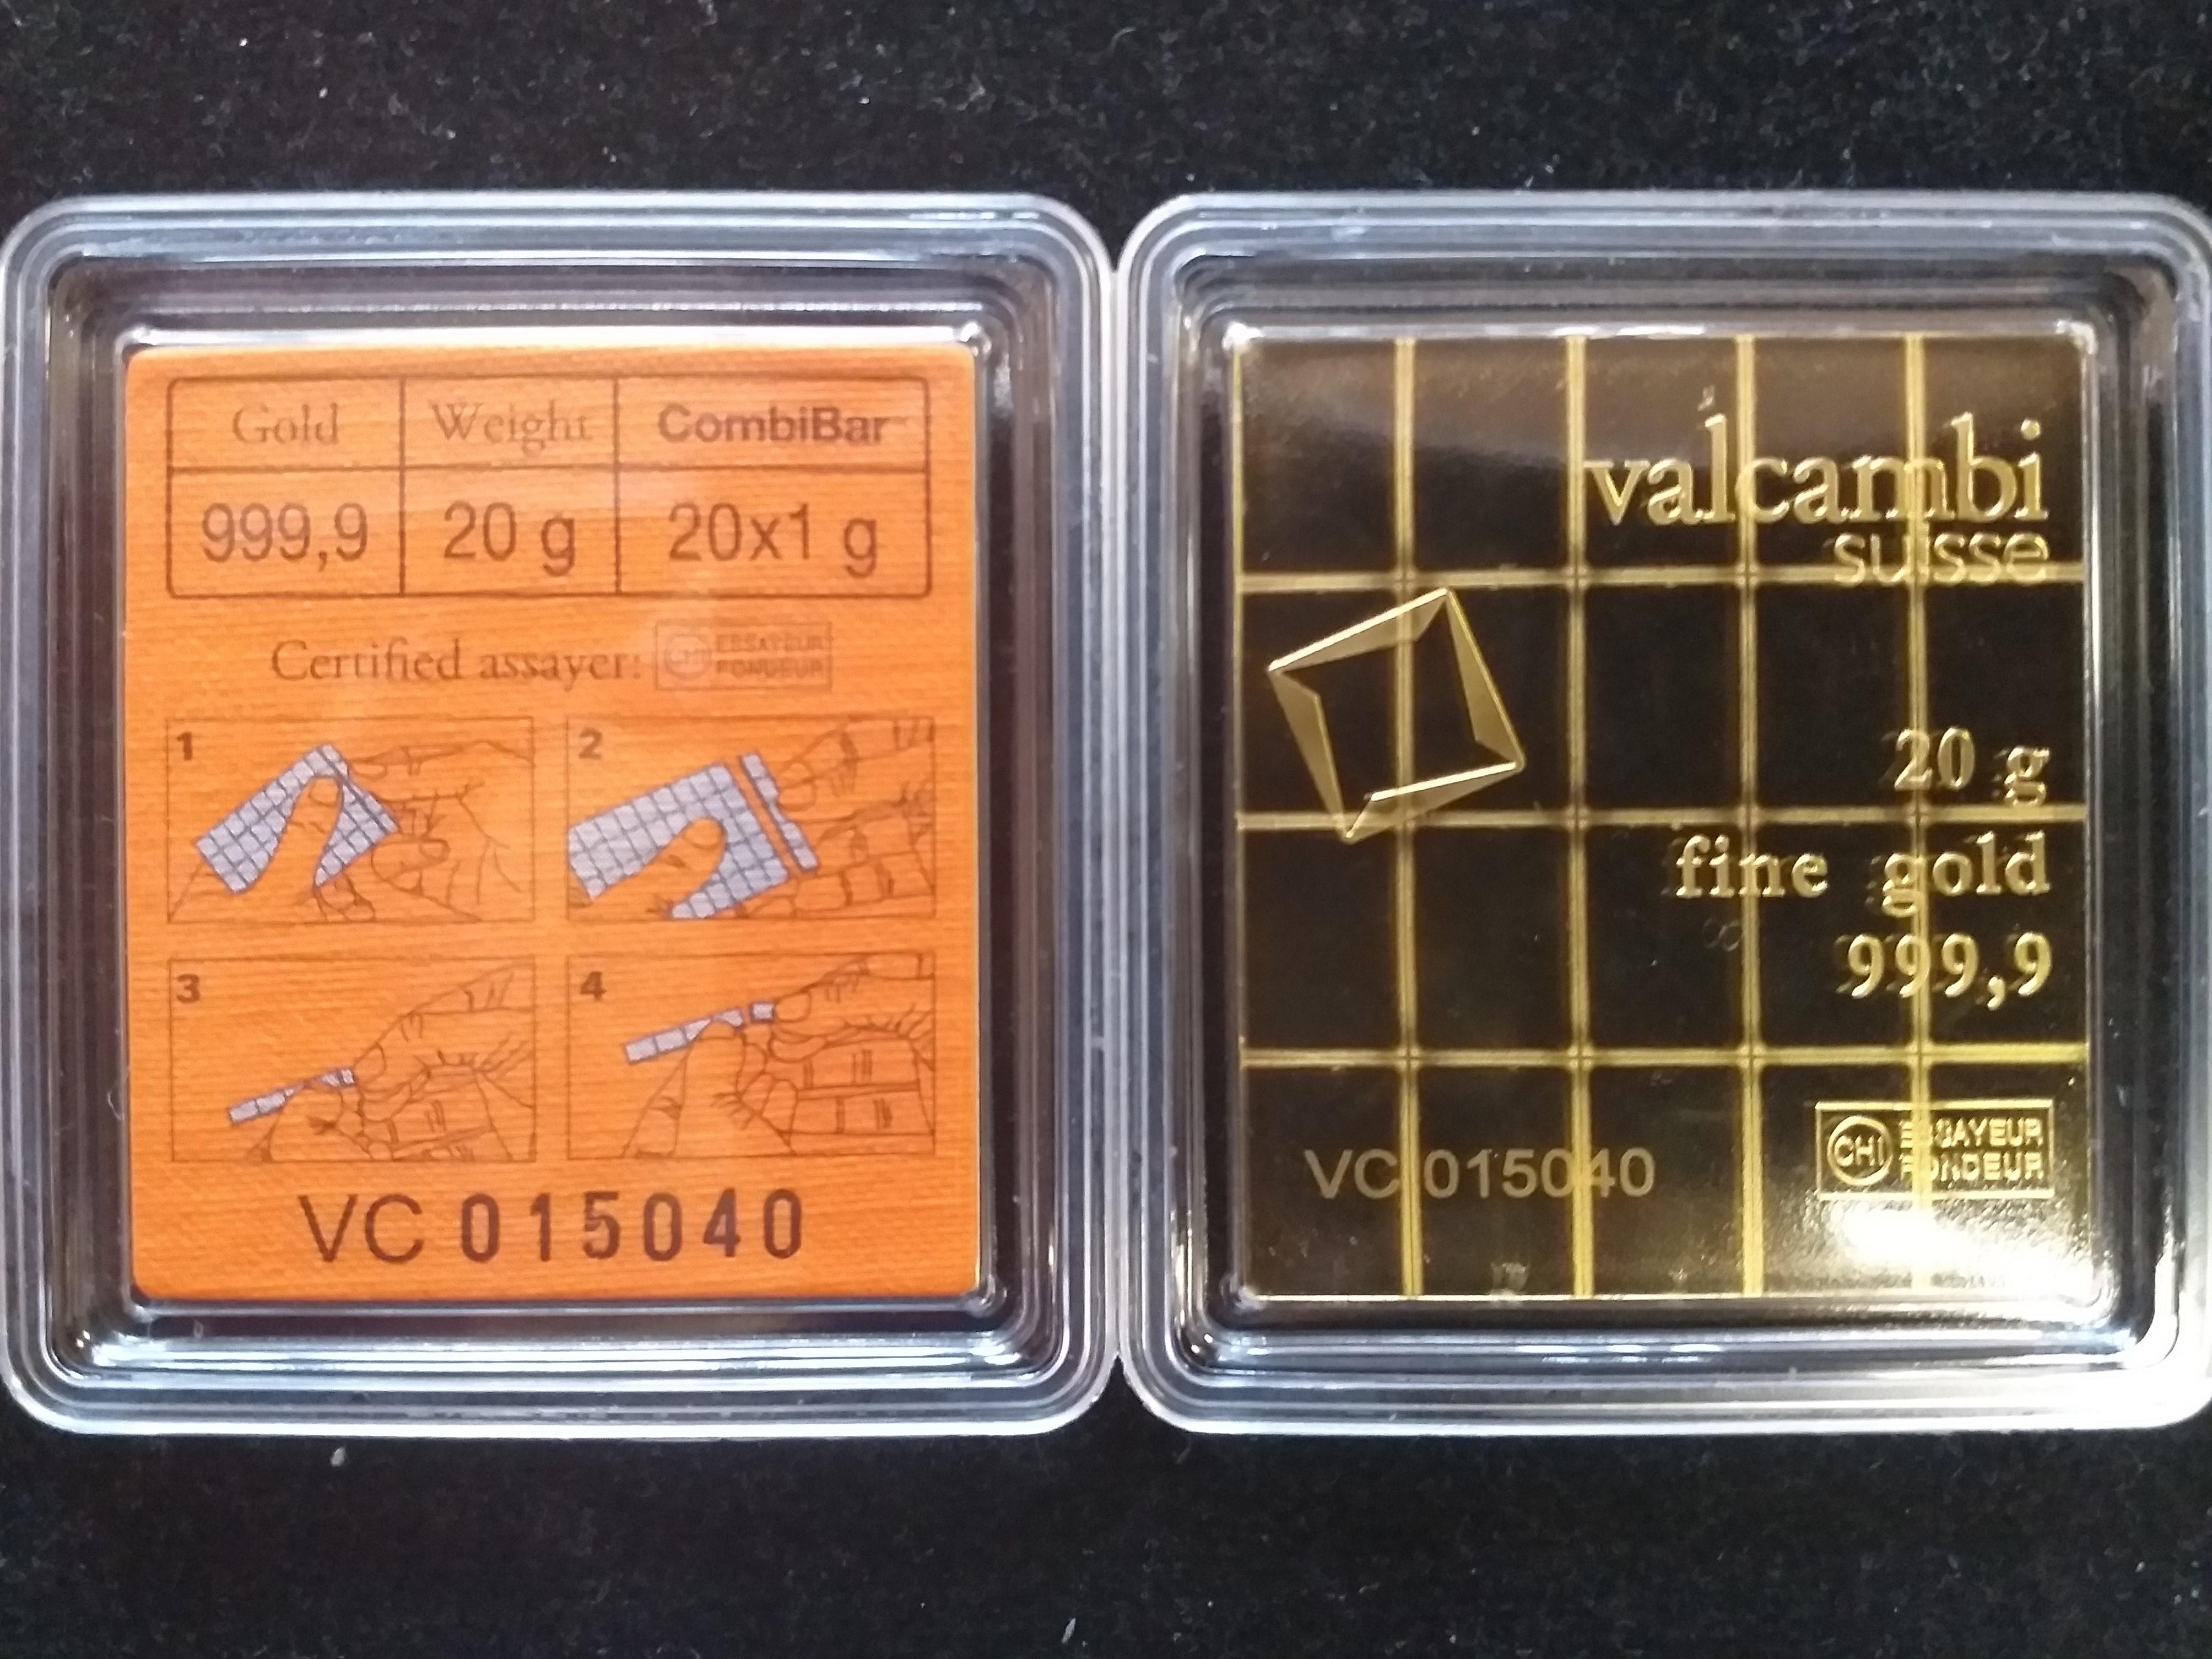 Златно кюлче 20 х 1 гр., Valcambi